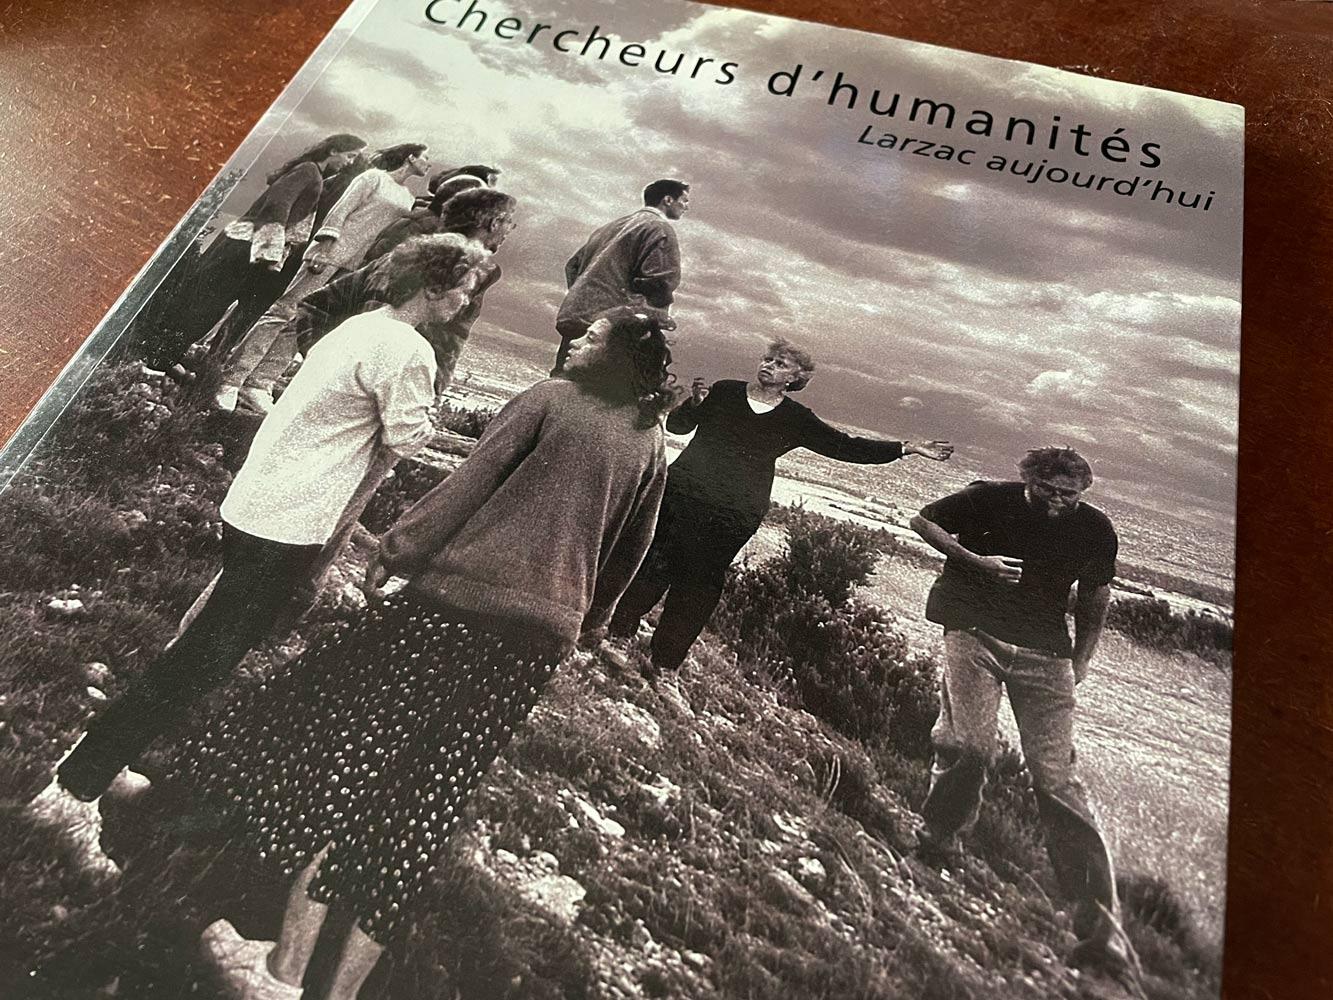 Couverture du livre chercheurs d'humanité